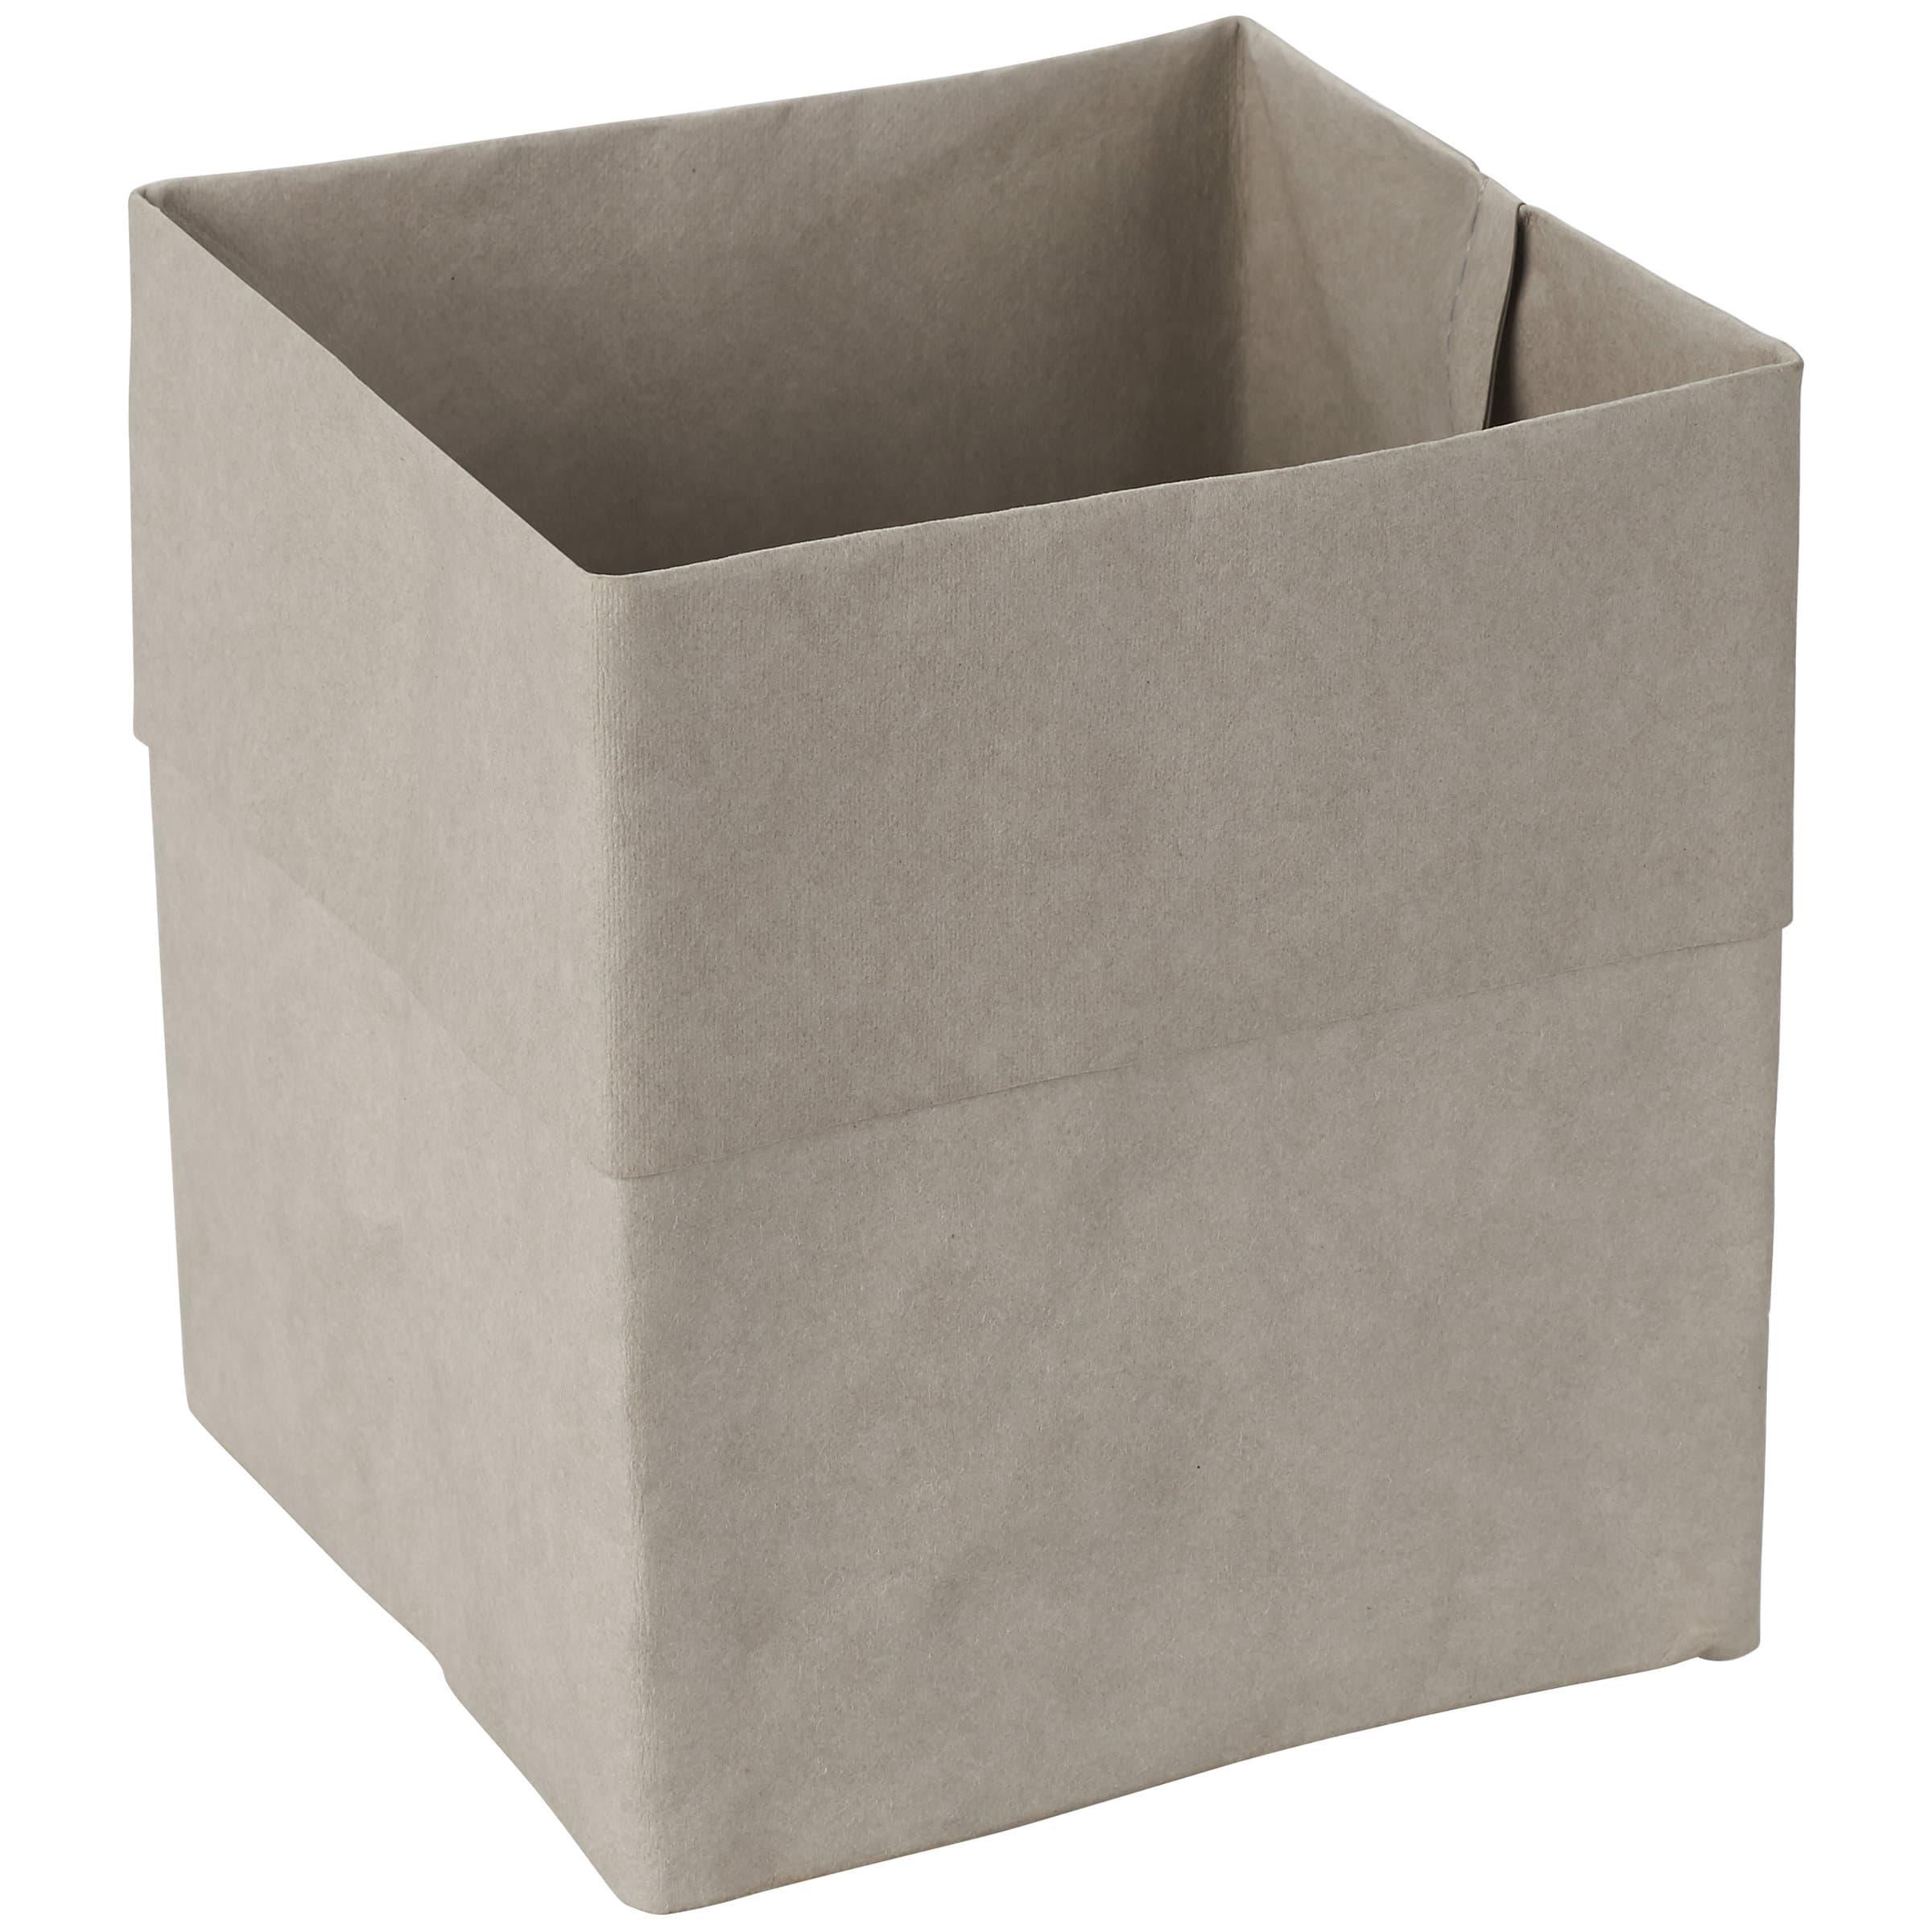 Cucina & Tavola Cestino di carta